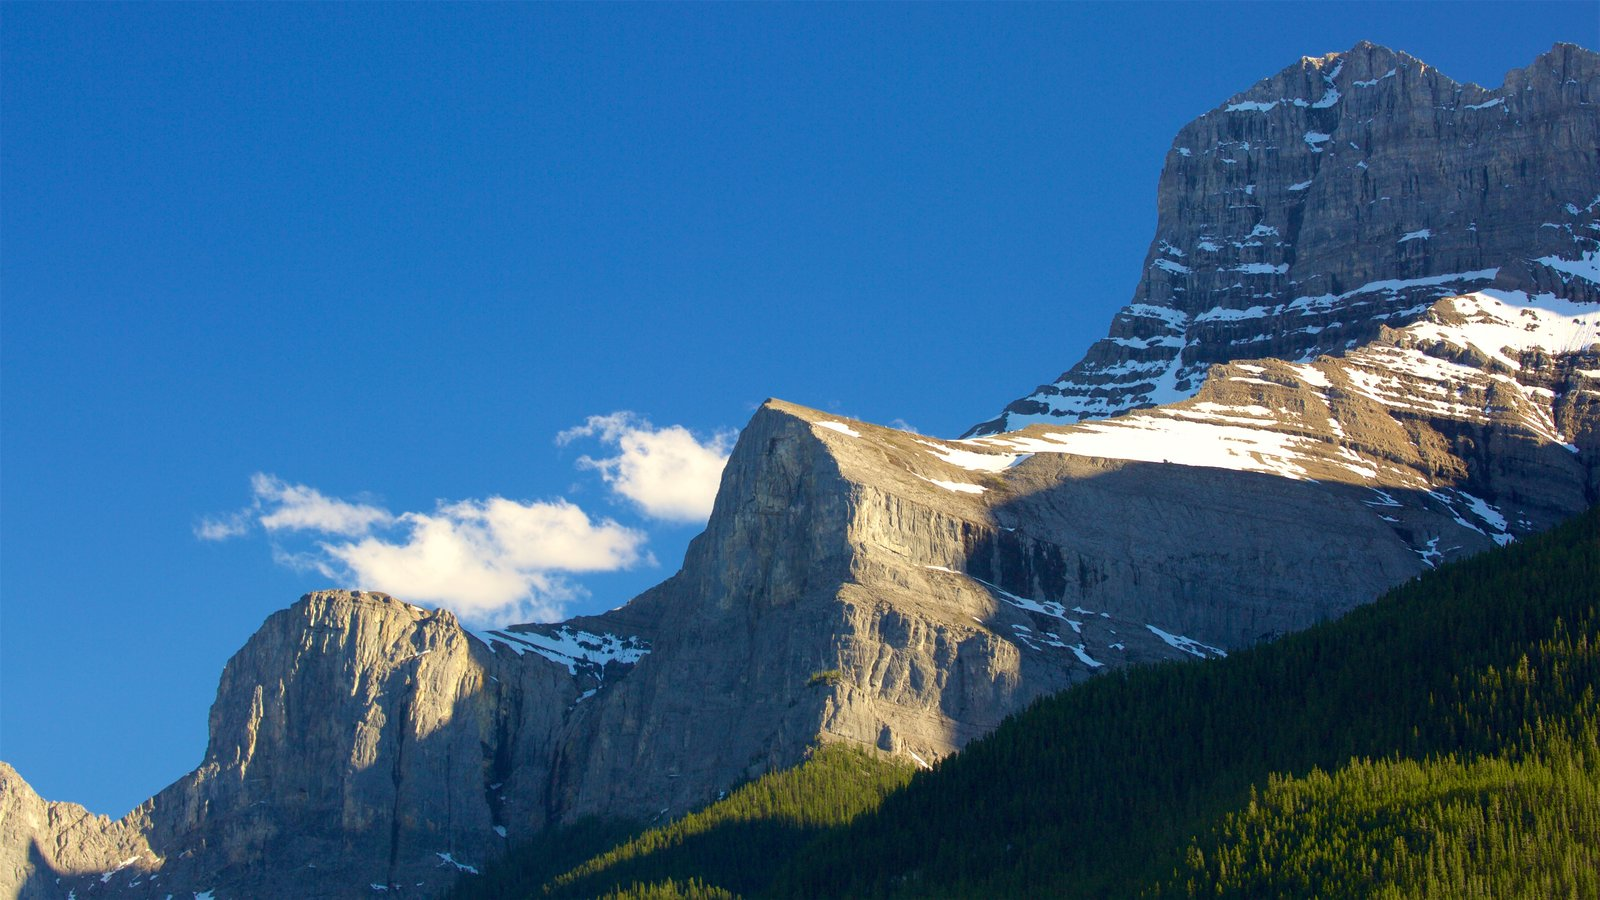 Banff que incluye montañas, escenas tranquilas y nieve